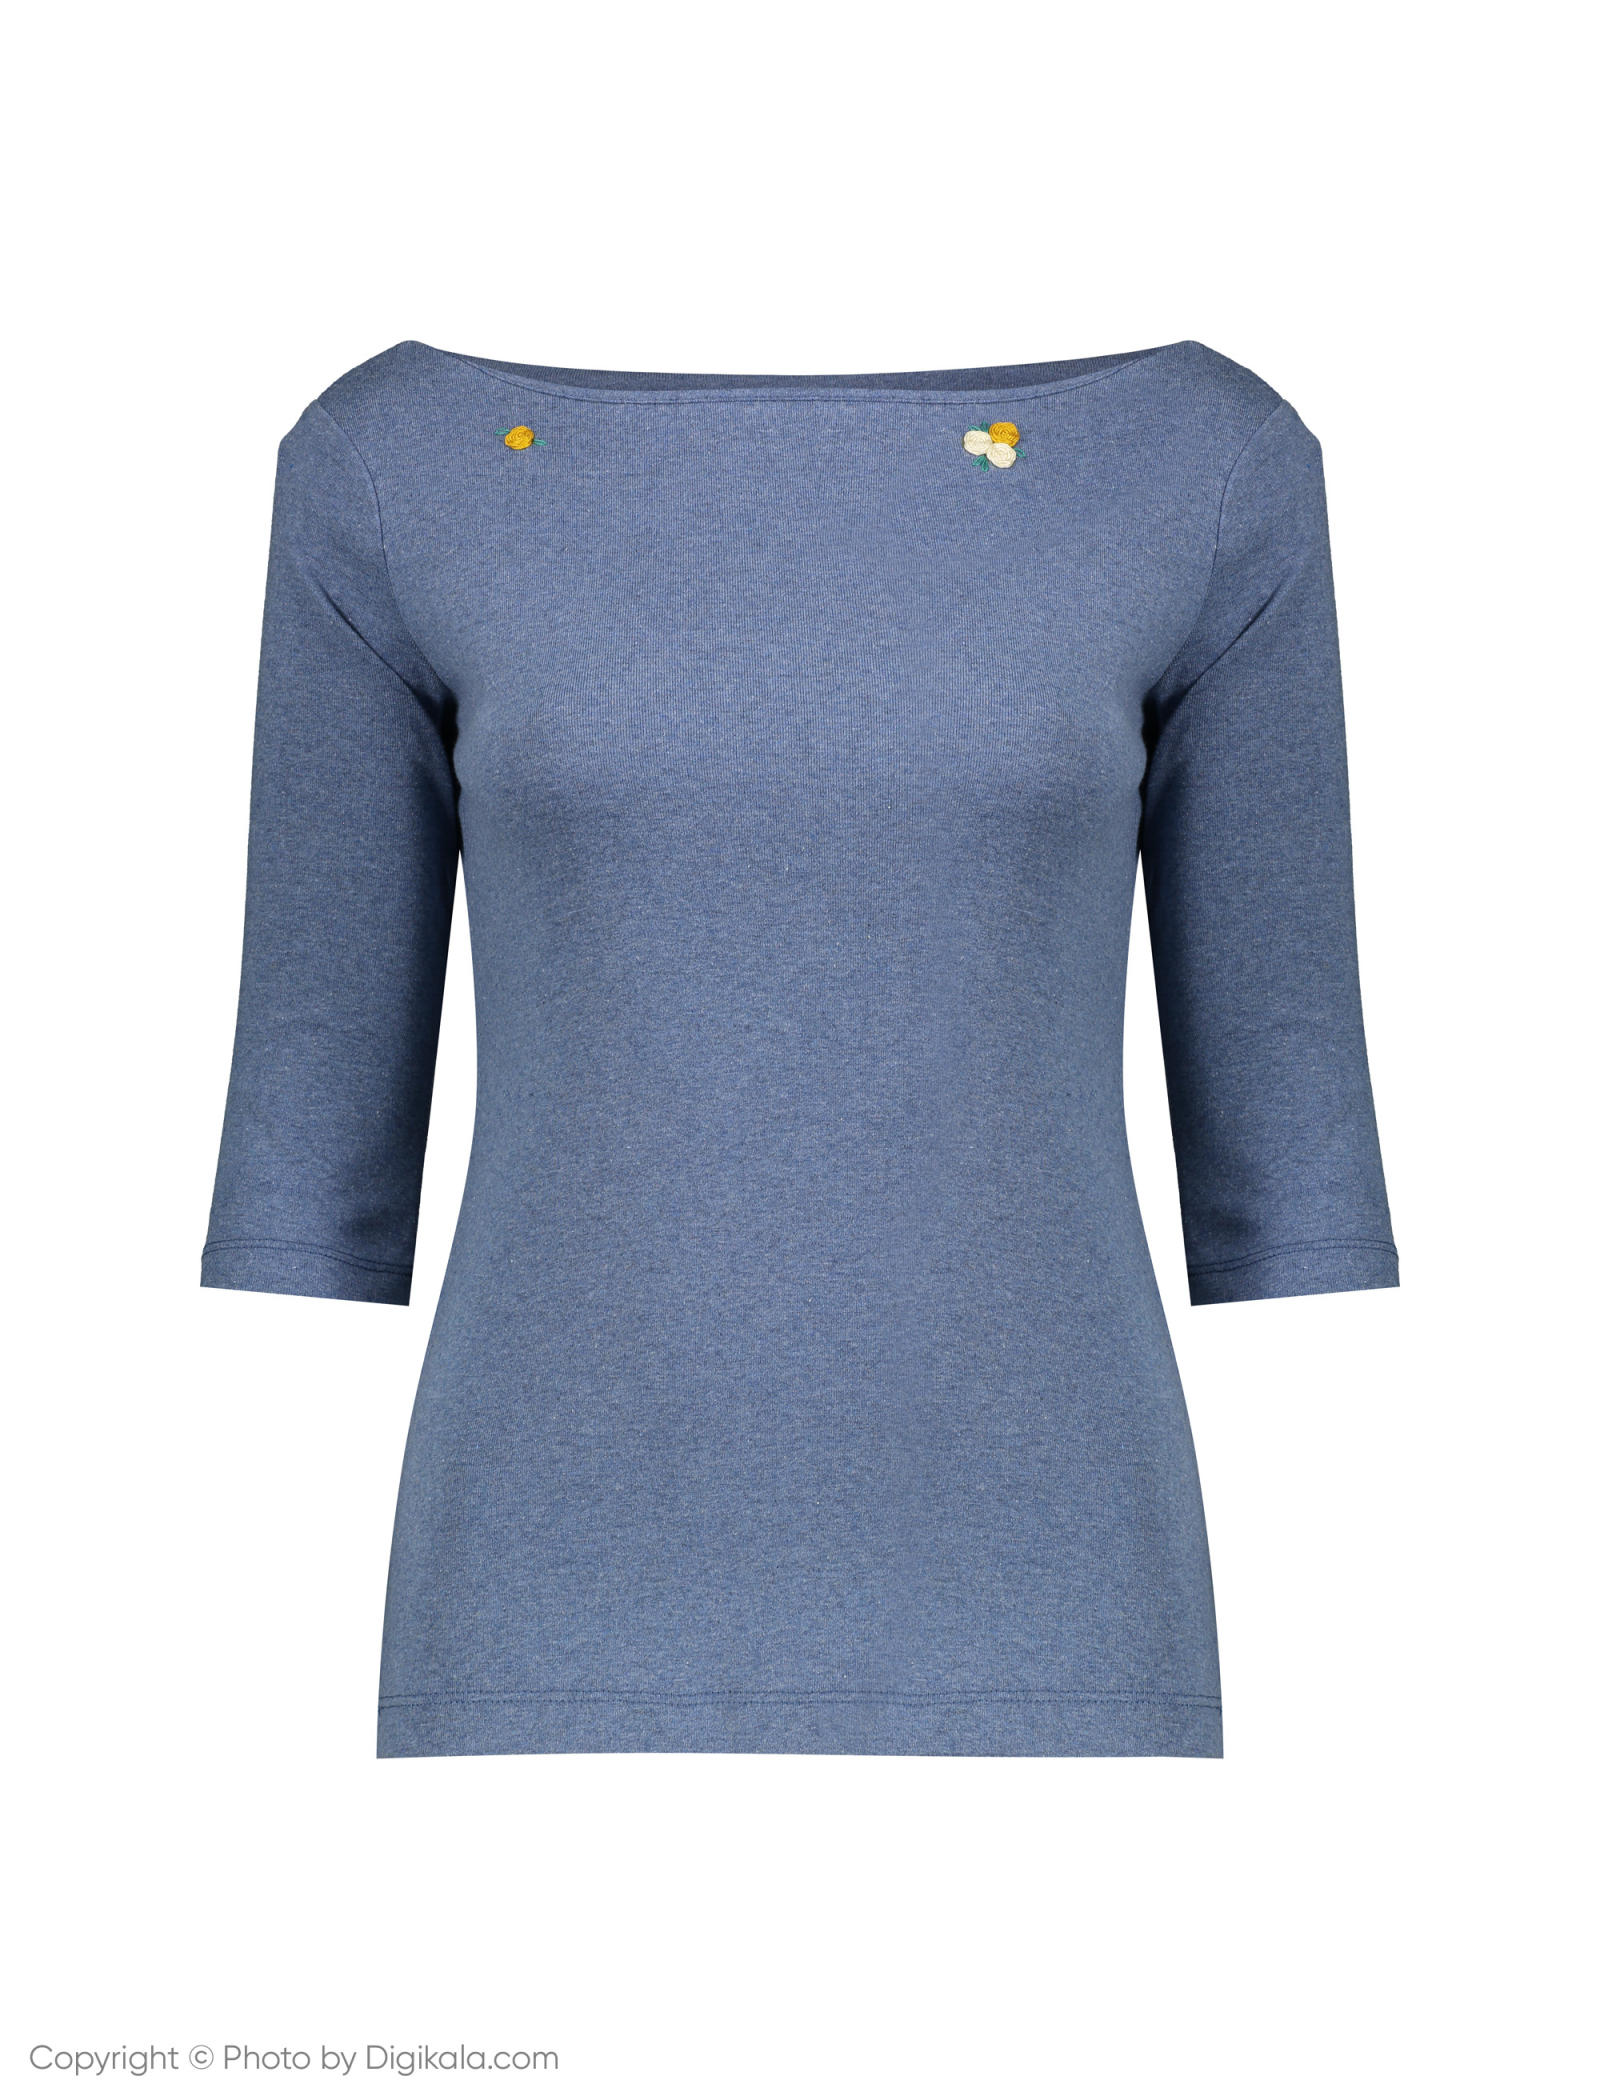 تی شرت زنانه گارودی مدل 1003113012-53 -  - 1